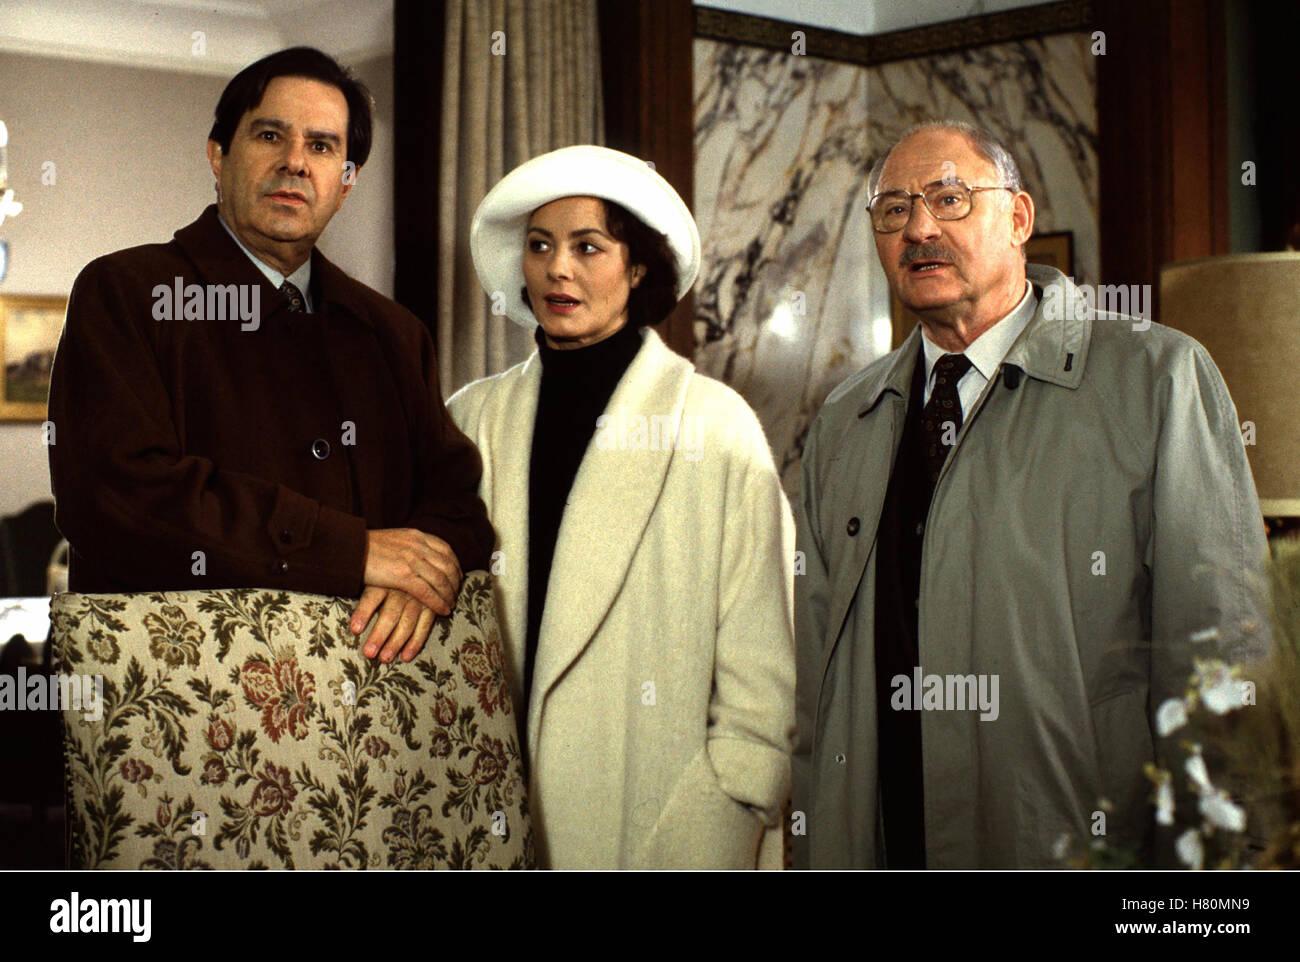 Der Alte: Der Mord gegenüber, D 1995, Regie: Hans-Jürgen Tögel, GERD BALTUS, CHRISTINE BUCHEGGER, - Stock Image